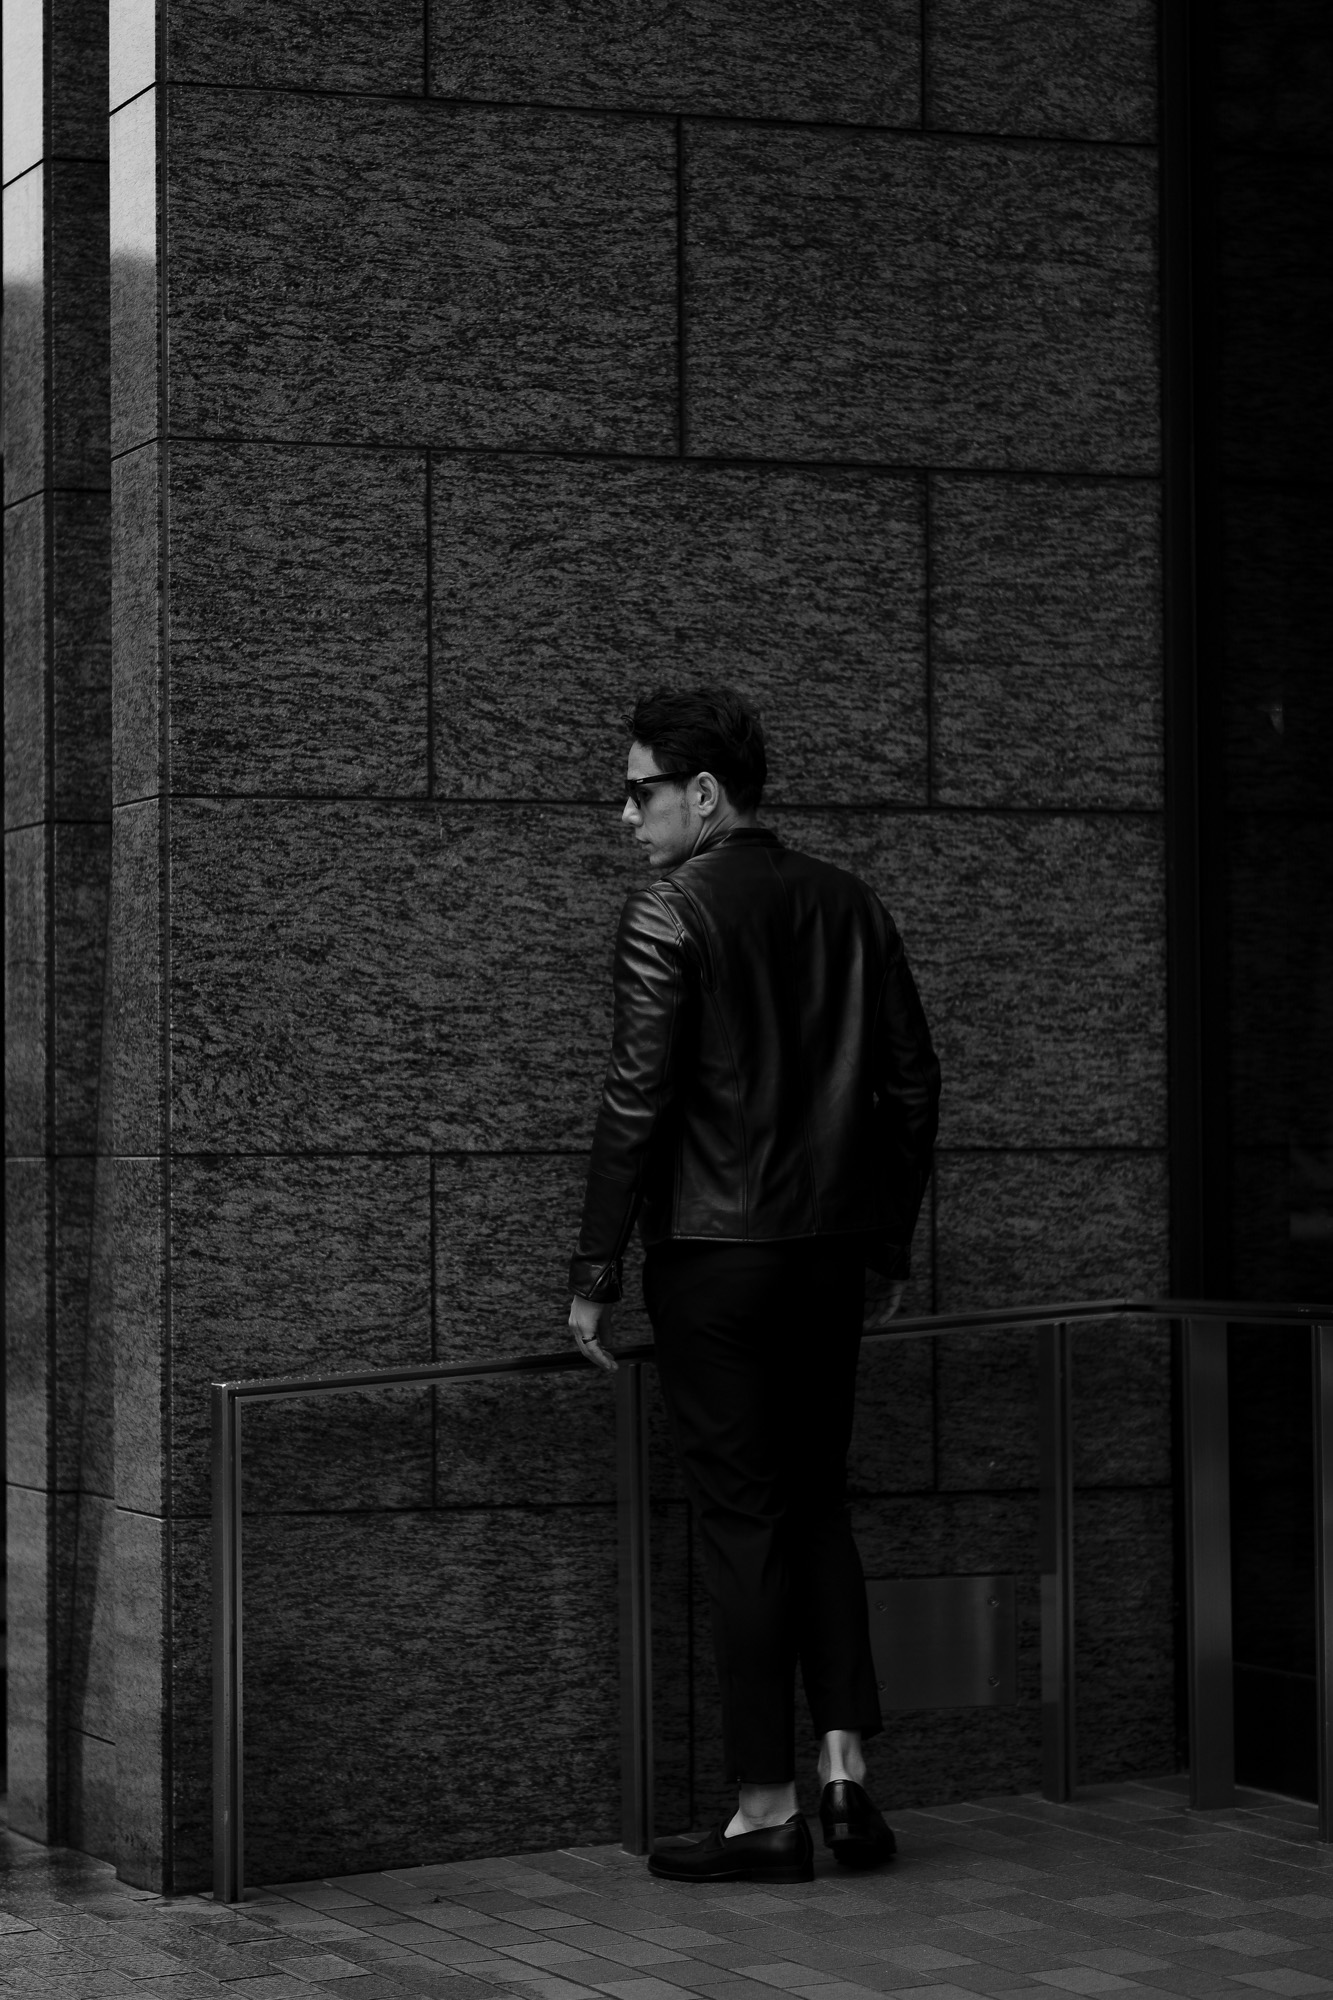 EMMETI KELSO Lambskin Nappa Leather NERO 2022SS【Special Model】エンメティ ケルソ ラムナッパレザー シングルライダース レザージャケット ブラック 2022春夏 スペシャルモデル 愛知 名古屋 Alto e Diritto altoediritto アルトエデリット 別注モデル